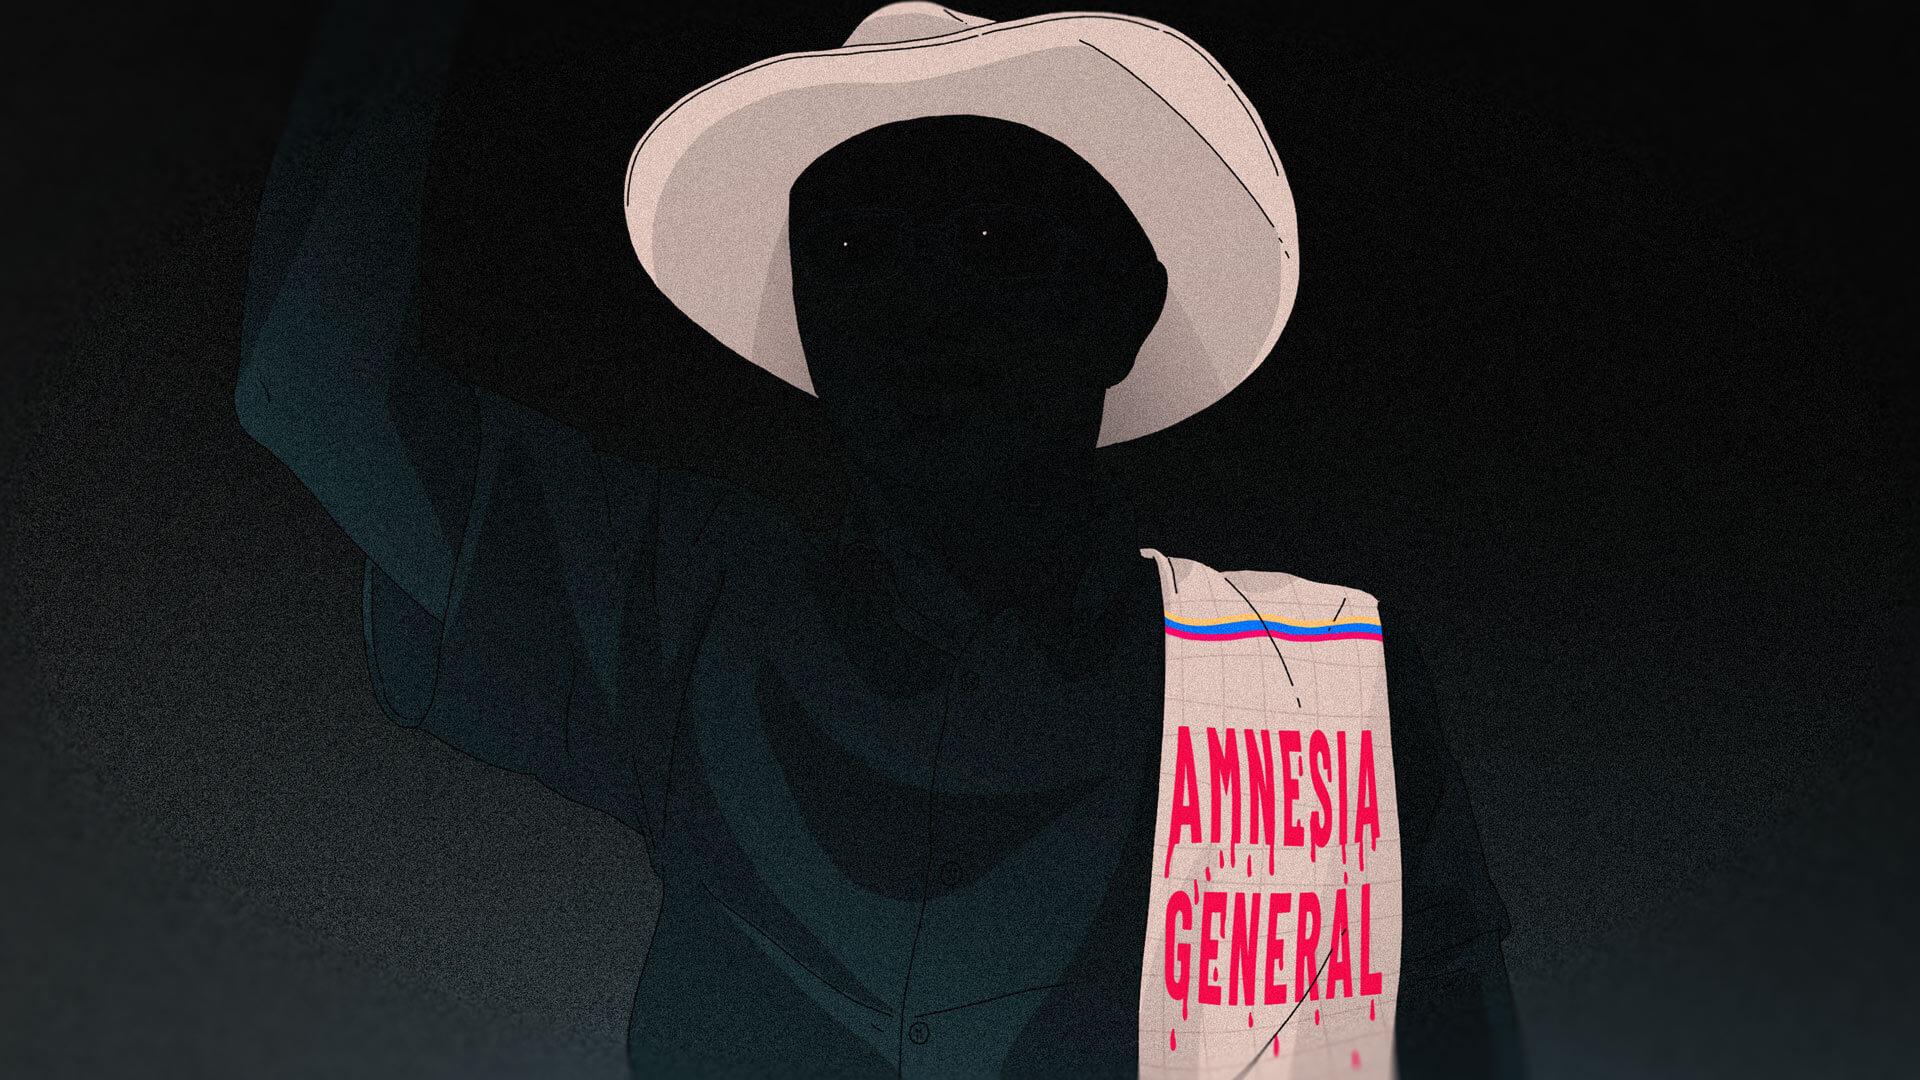 ¿Amnistía general o amnesia, General?